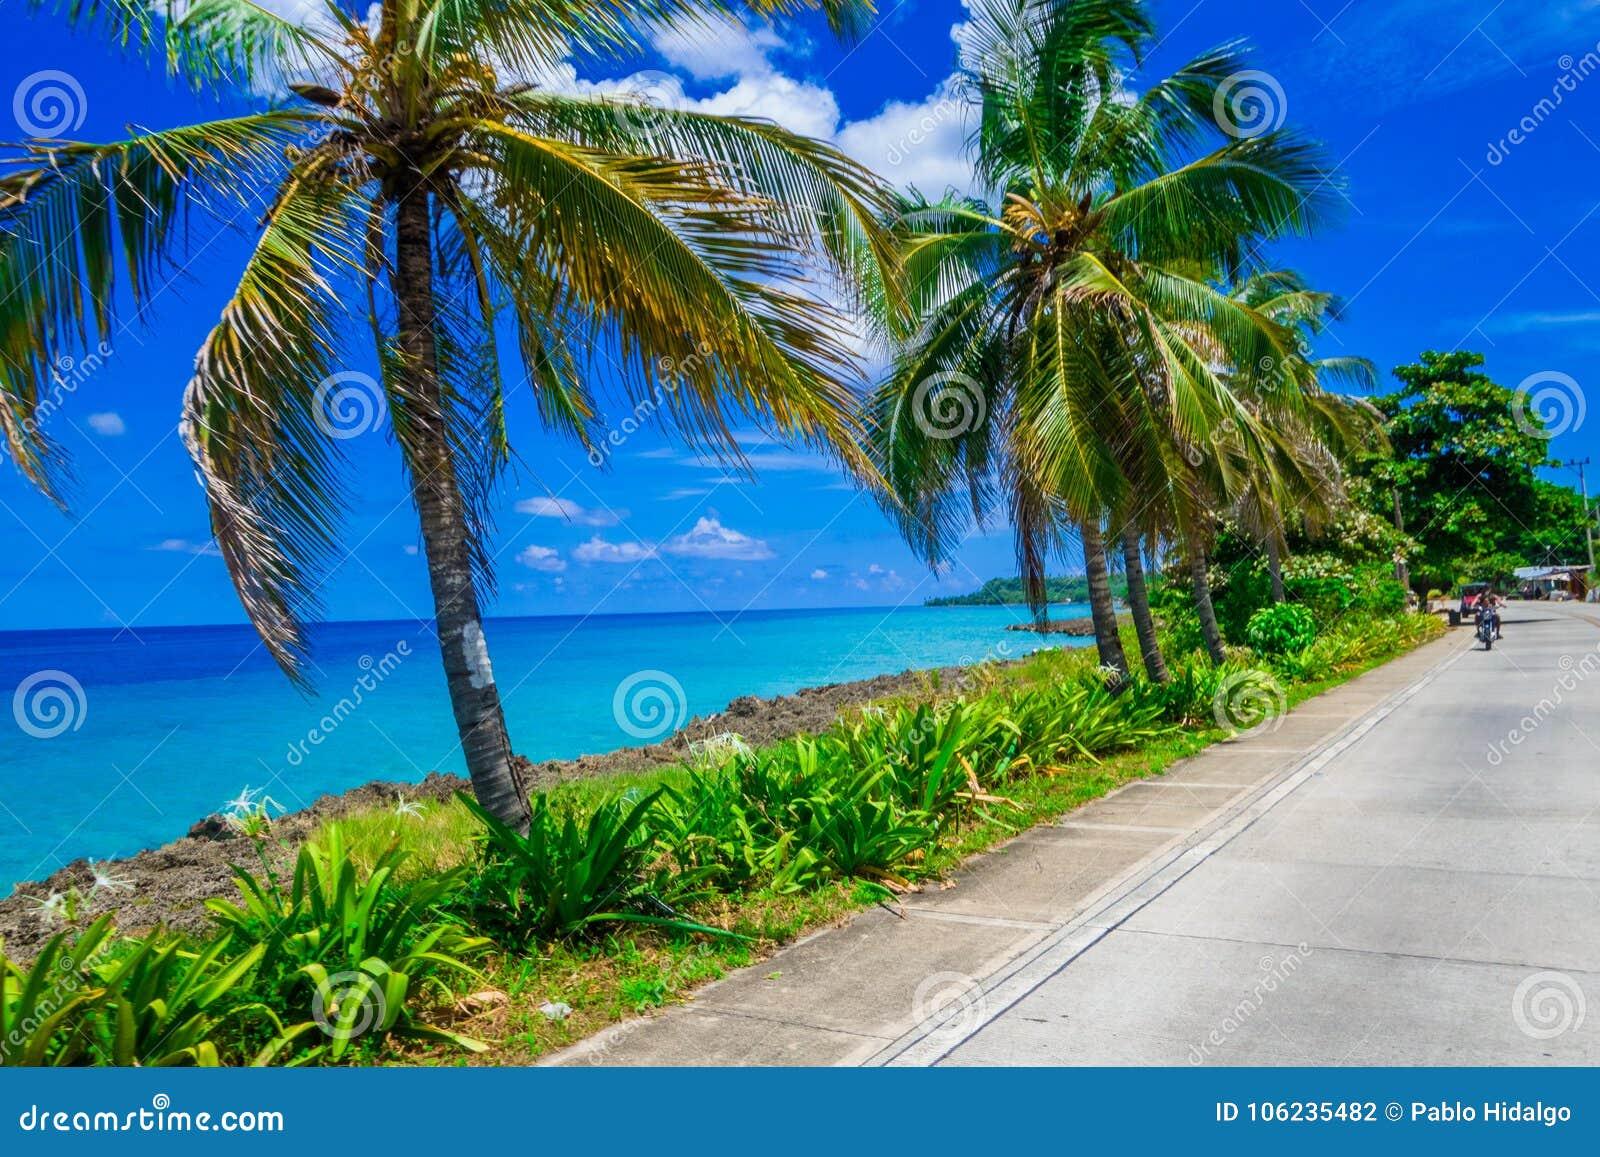 Palmträd i en sida av en väg i San Andres, Colombia i en härlig strandbakgrund